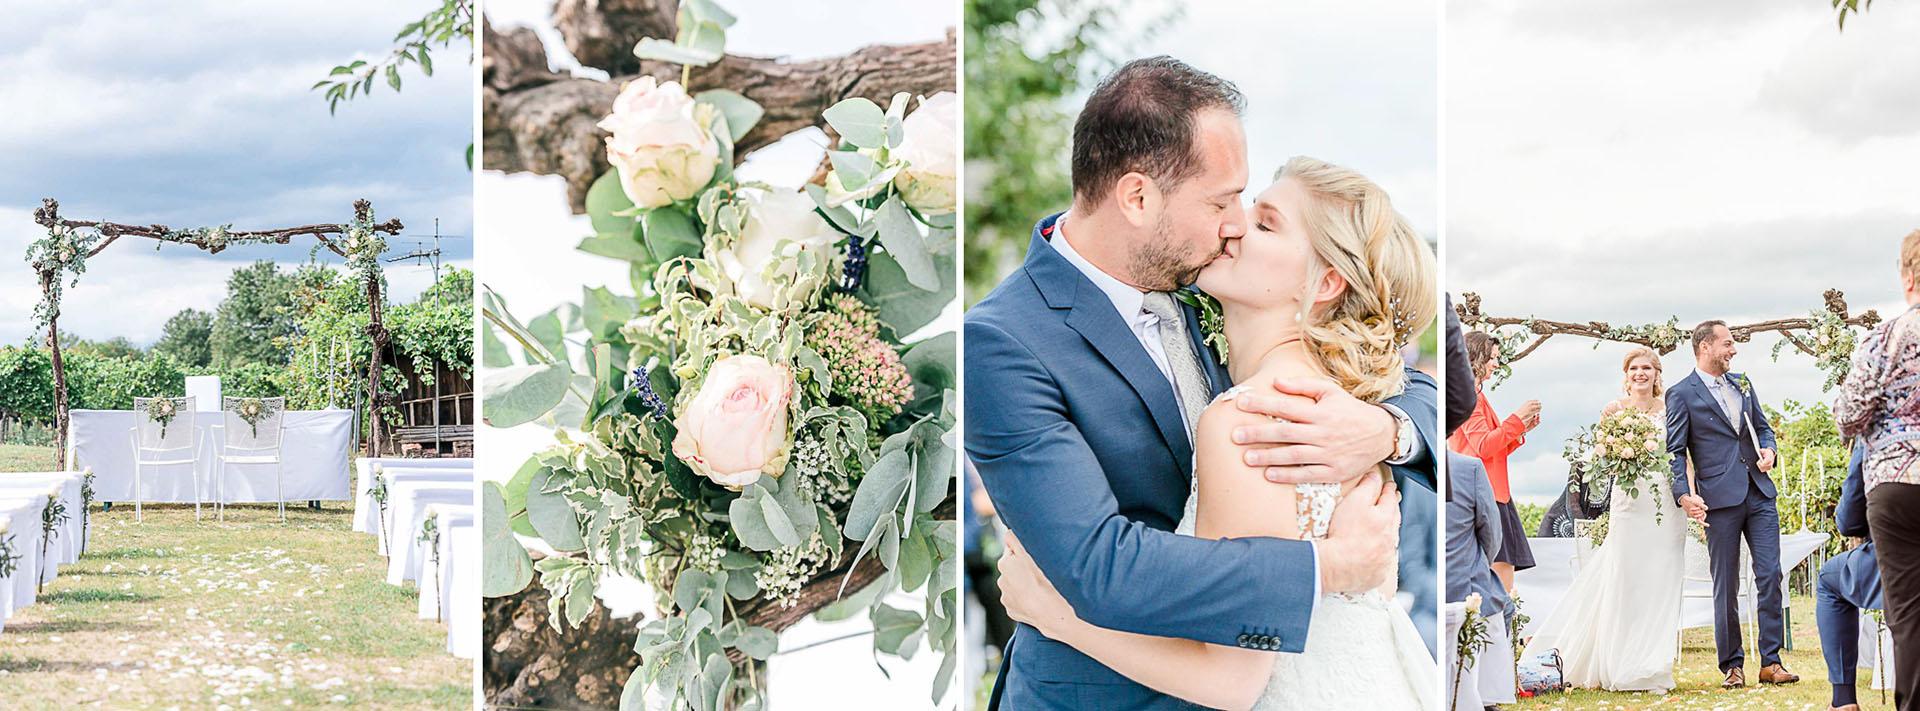 Mödling Hochzeitsfotograf Wien heiraten Wien und Umgebung Garten Fineart Hochzeitsfotograf helle Hochzeitsfotos